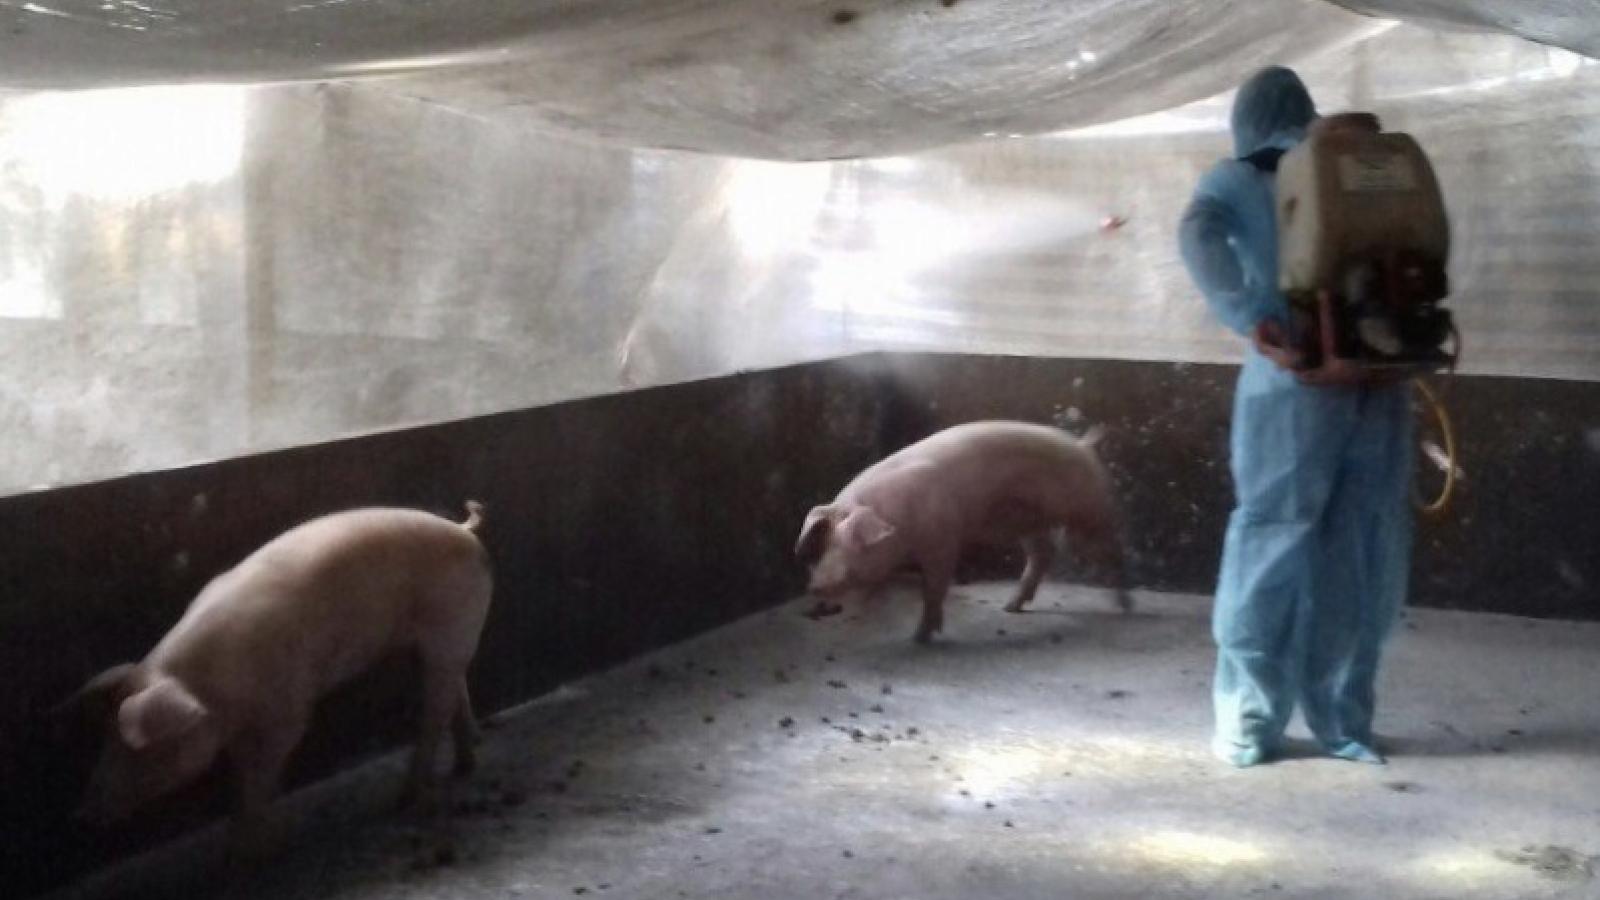 Phát hiện lợn bị nhiễm bệnh dịch tả lợn Châu Phi tại Bạc Liêu